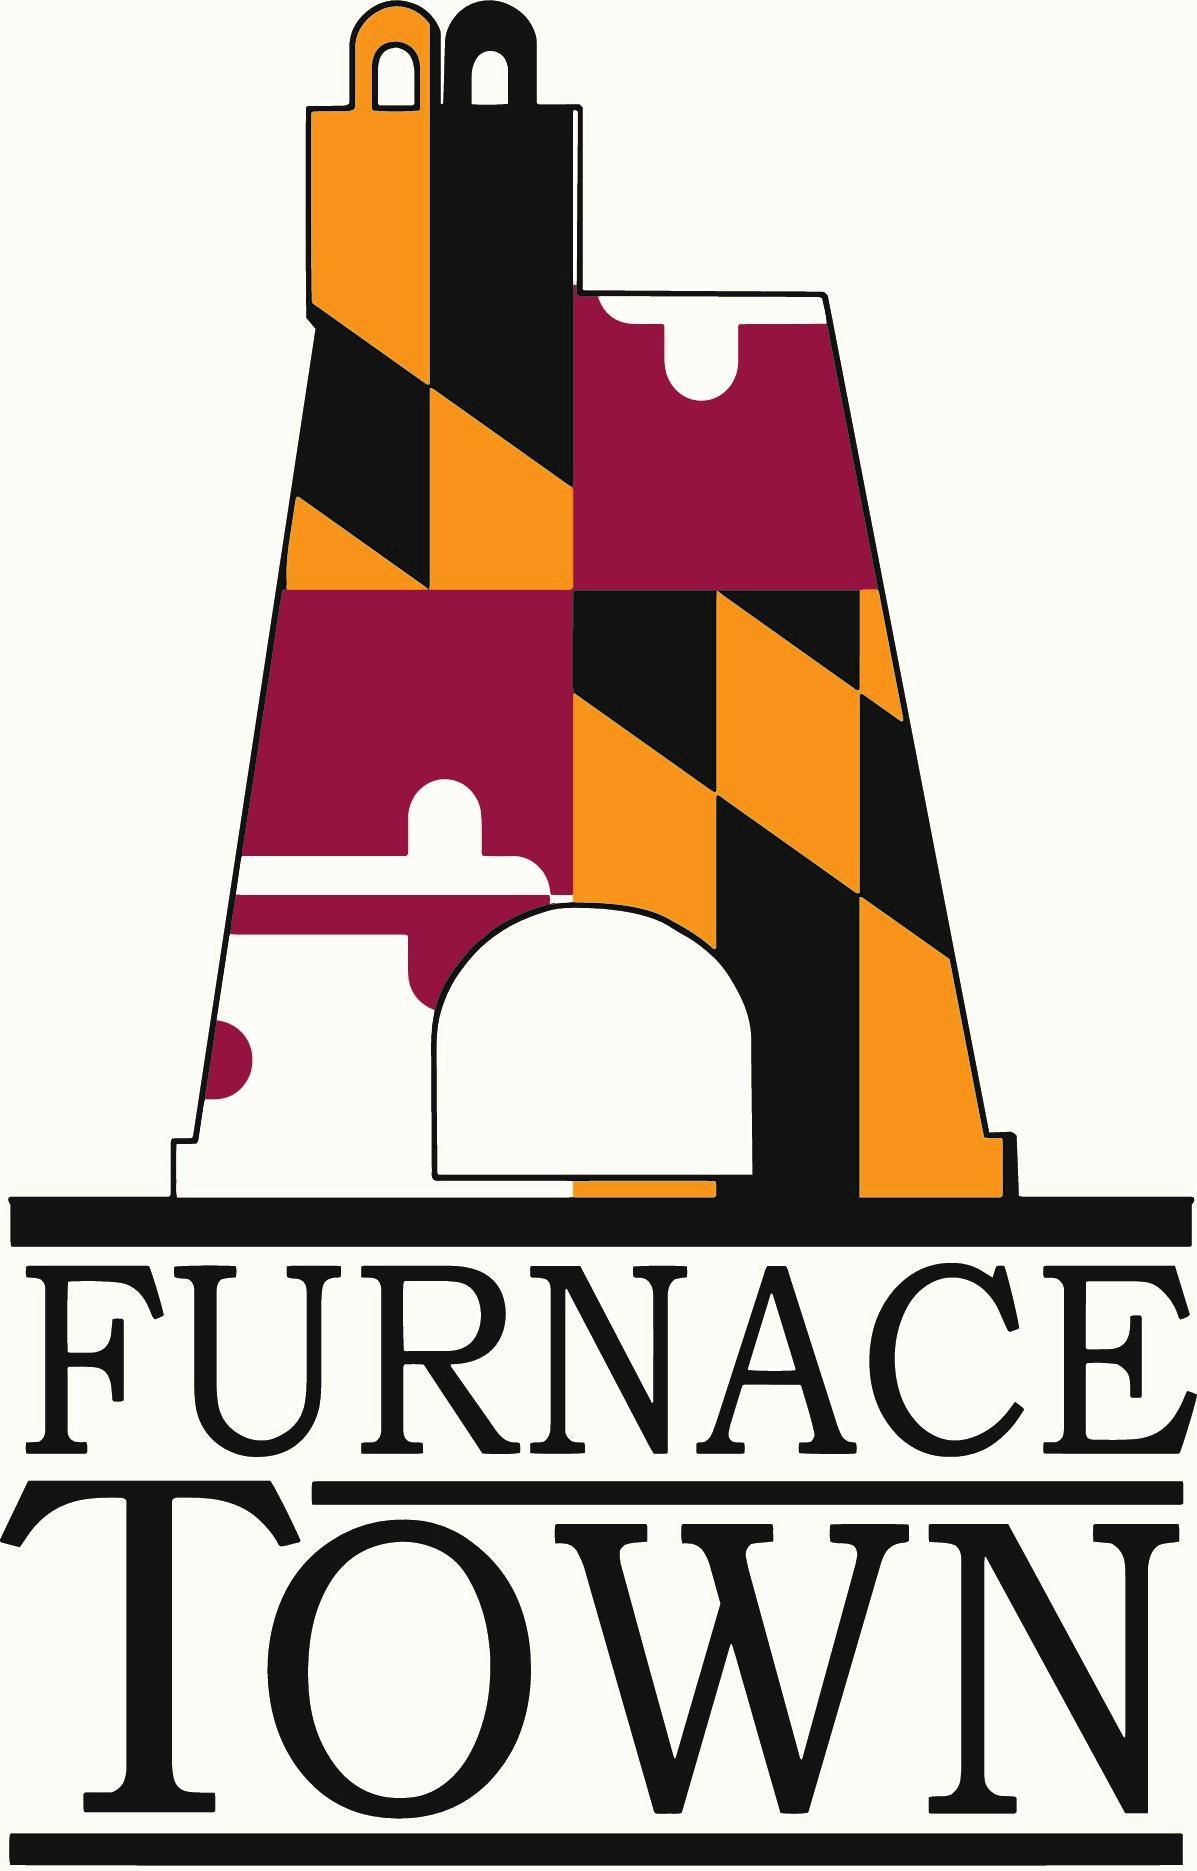 Furnace Town Logo MD Flag.jpg